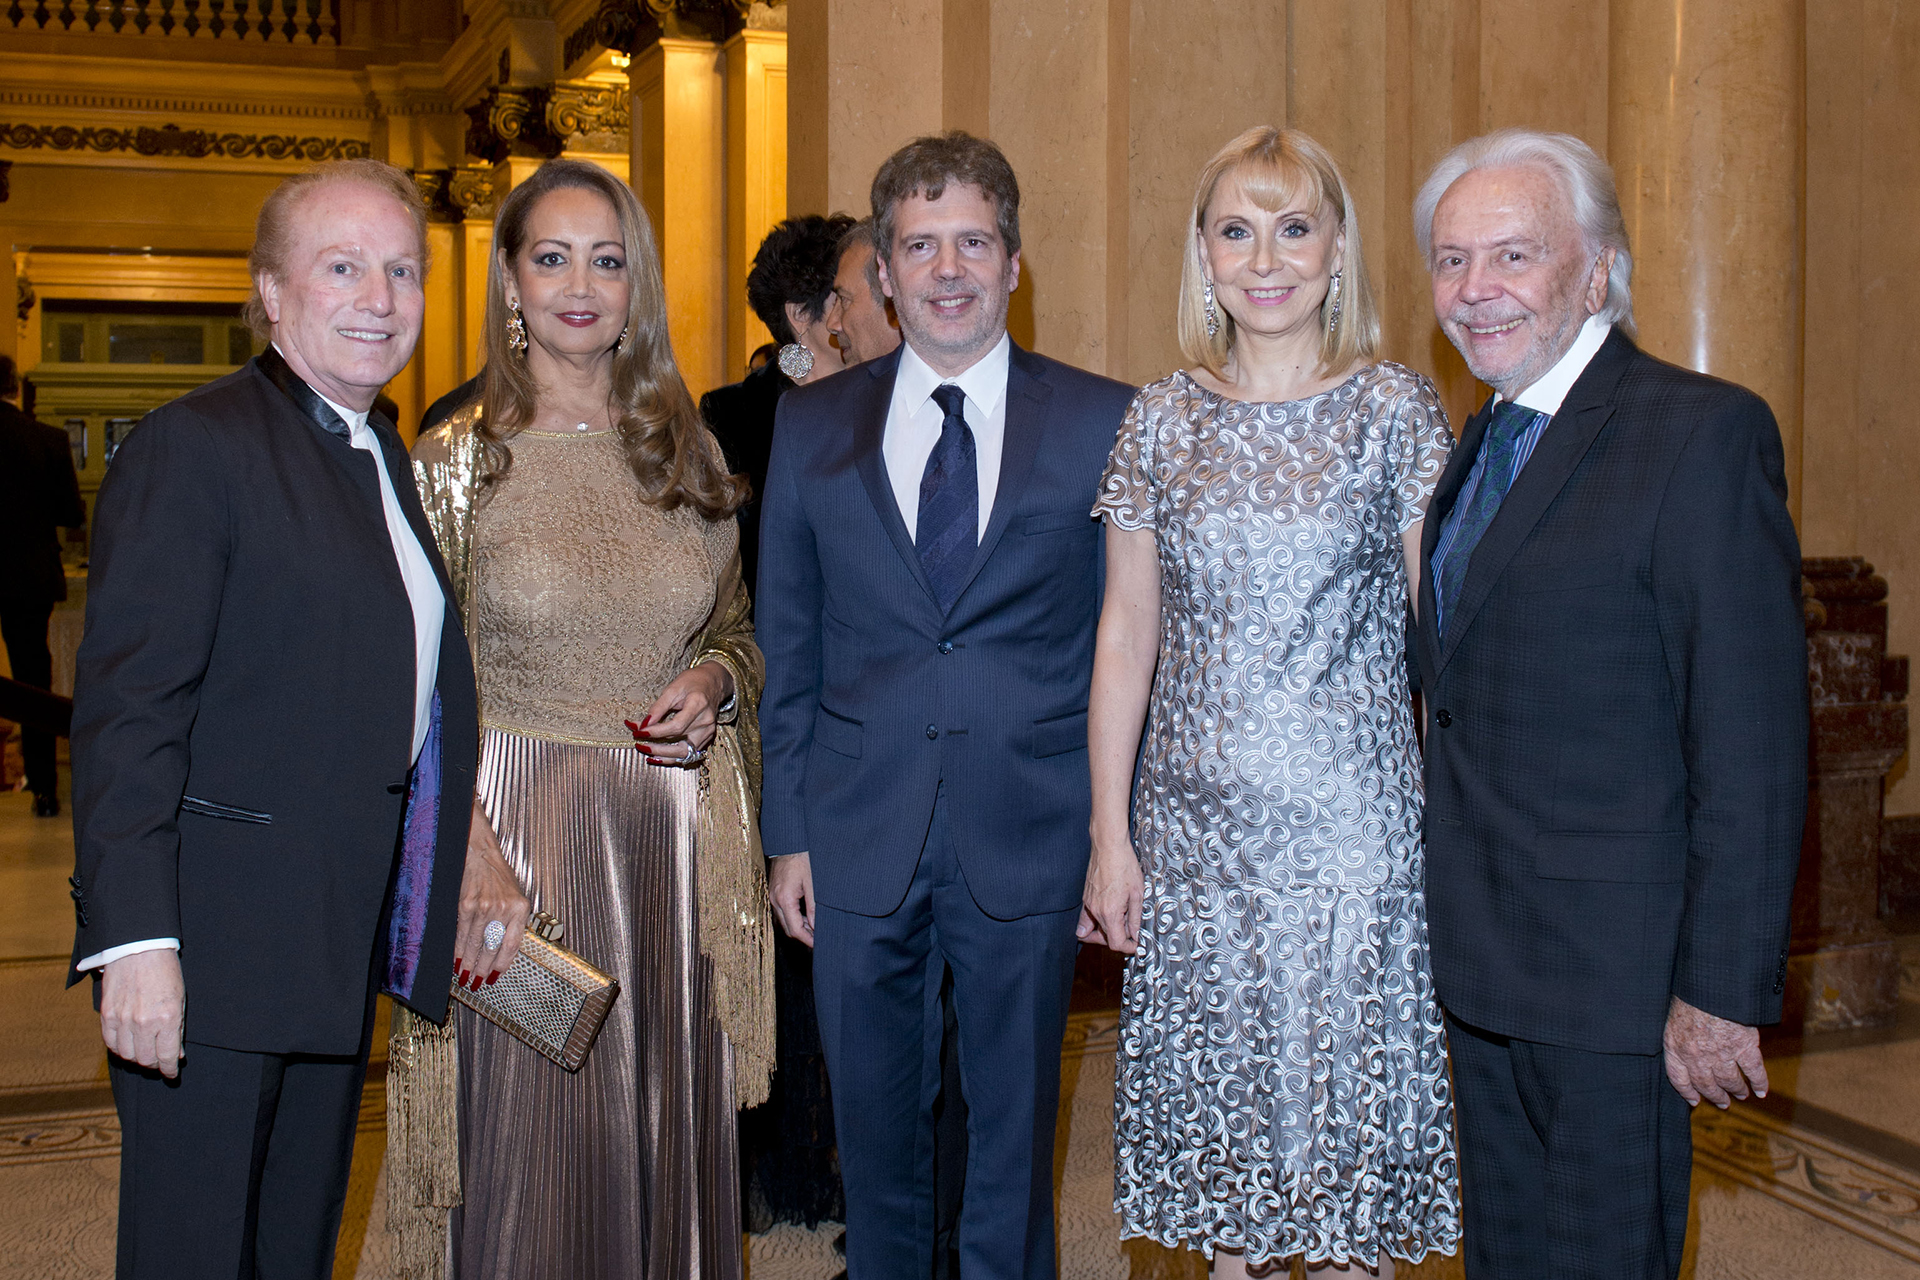 El maestro Ernesto Diemecke, la presidente de Make-A-Wish Argentina Mónica Parisier; Martín Boschet, director ejecutivo del Teatro Colón; María Victoria Alcaraz y Guido Parisier